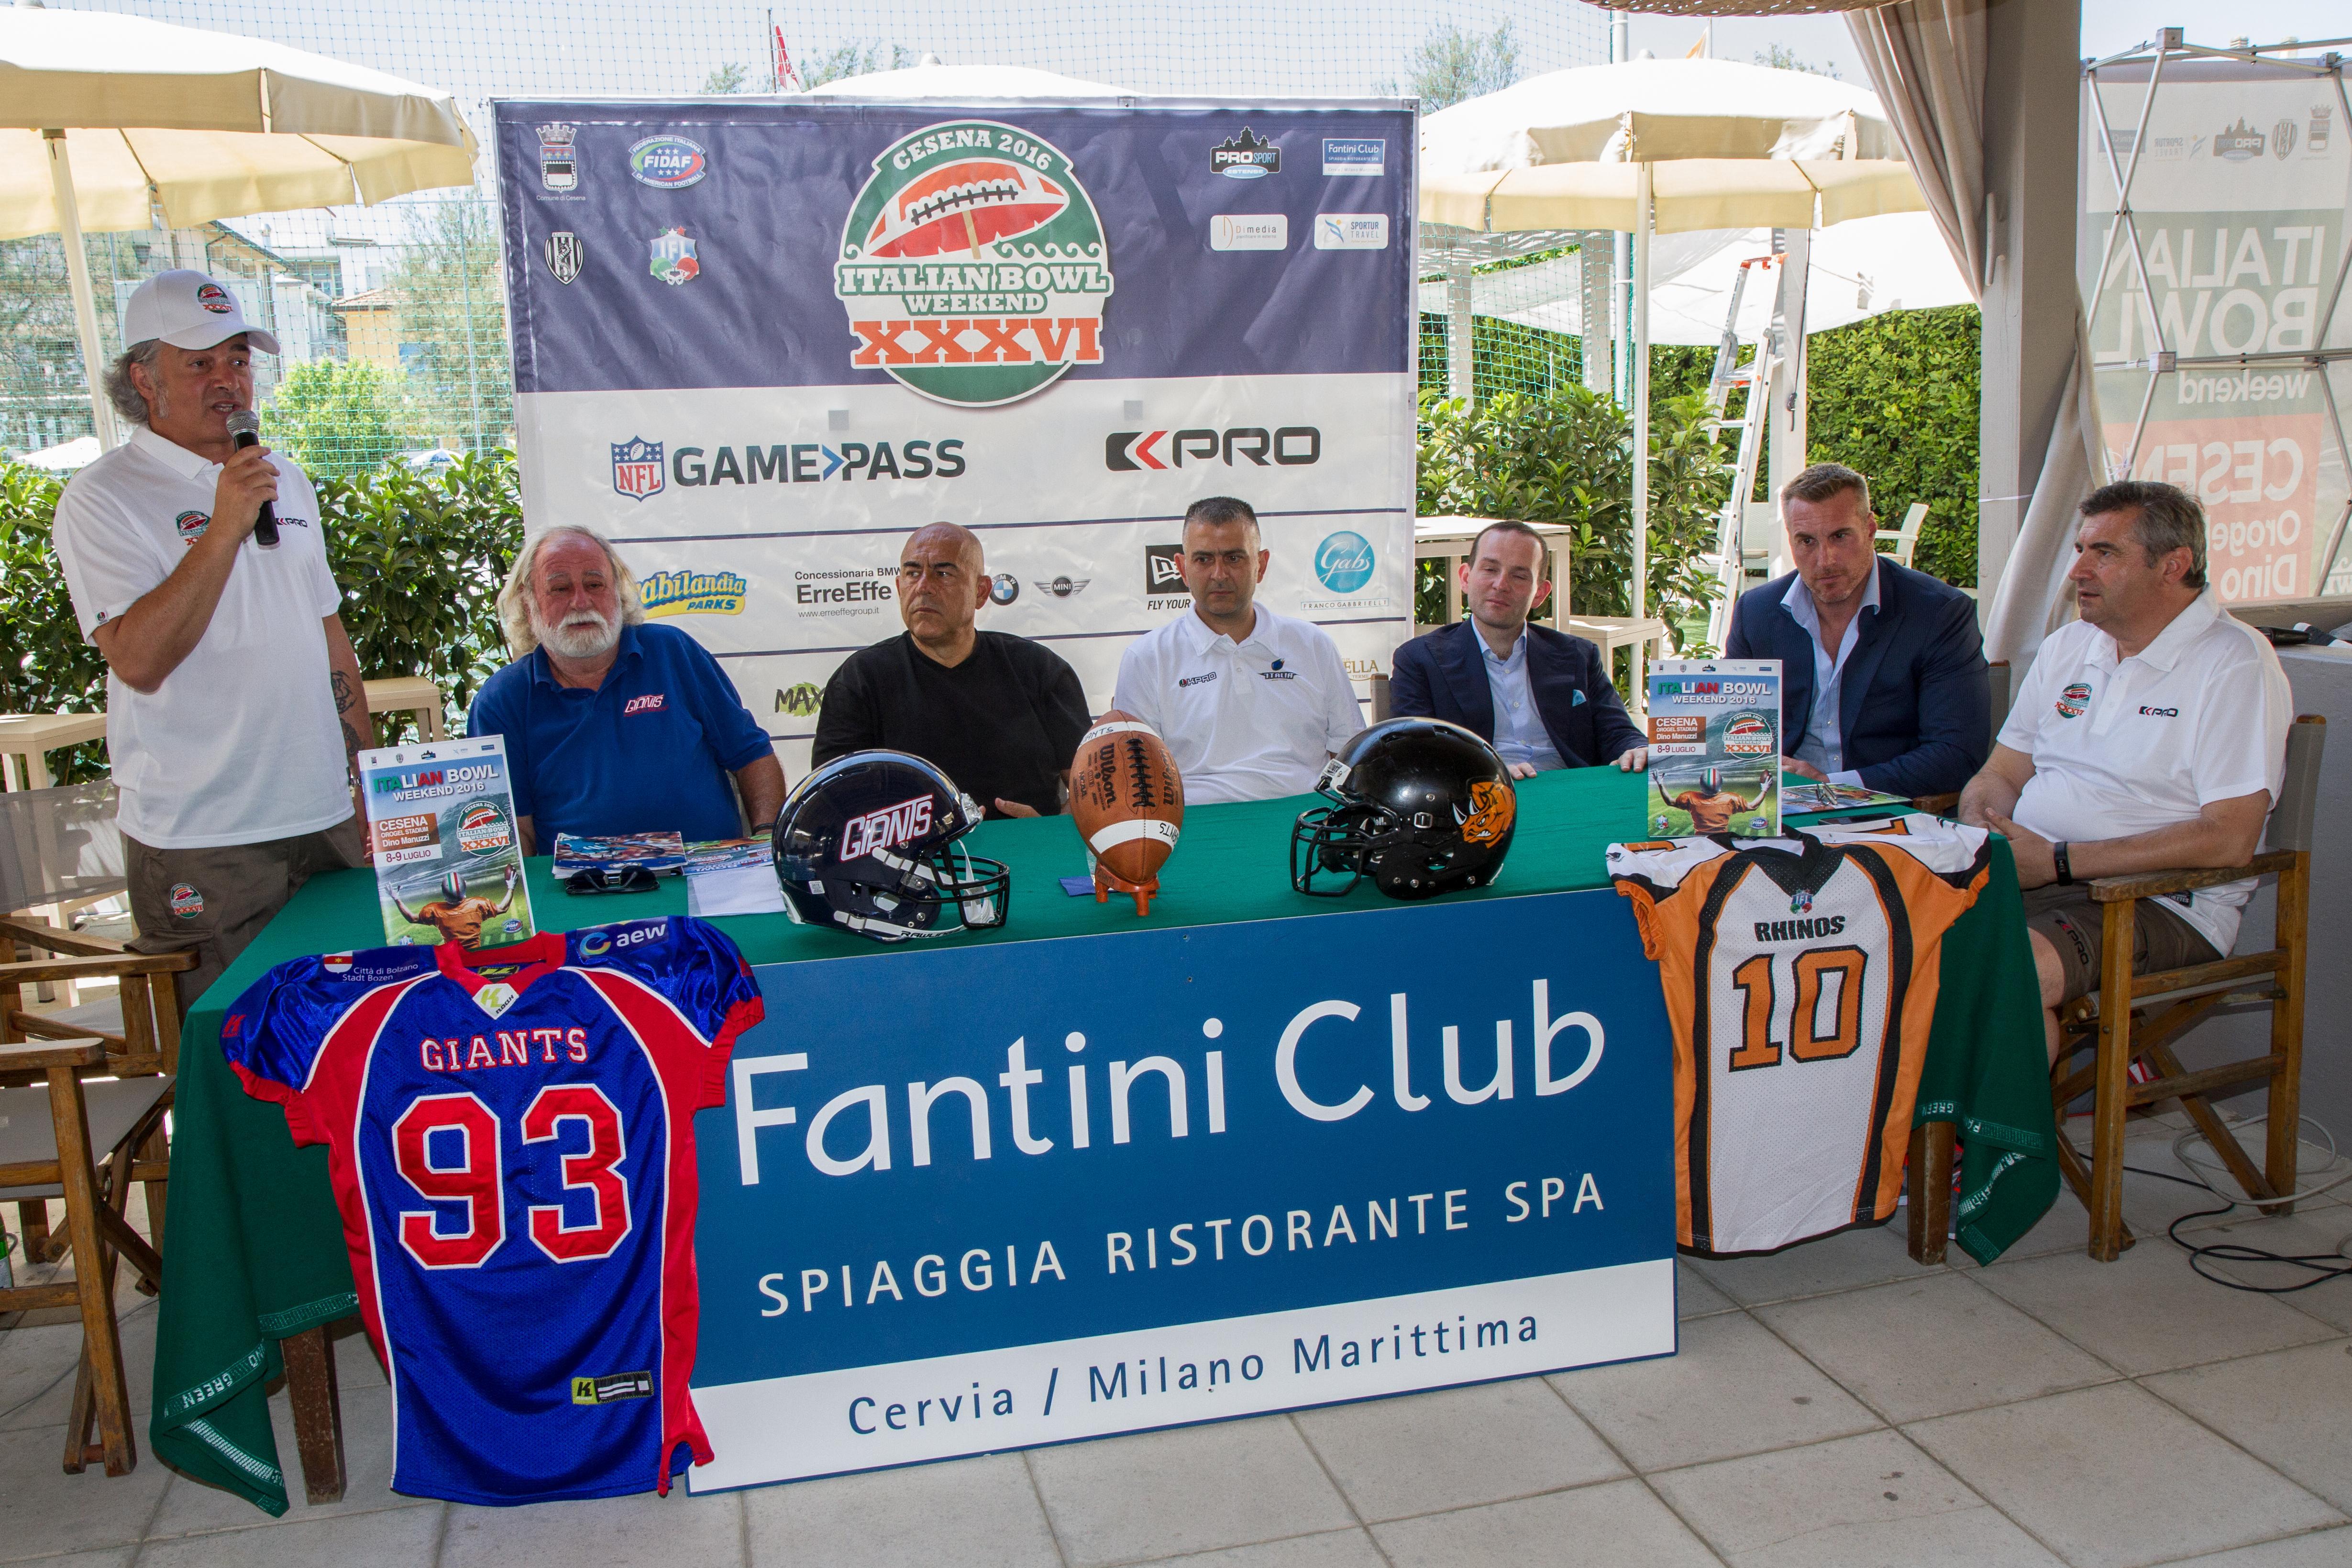 Cervia Italian superbowl Football conferenza